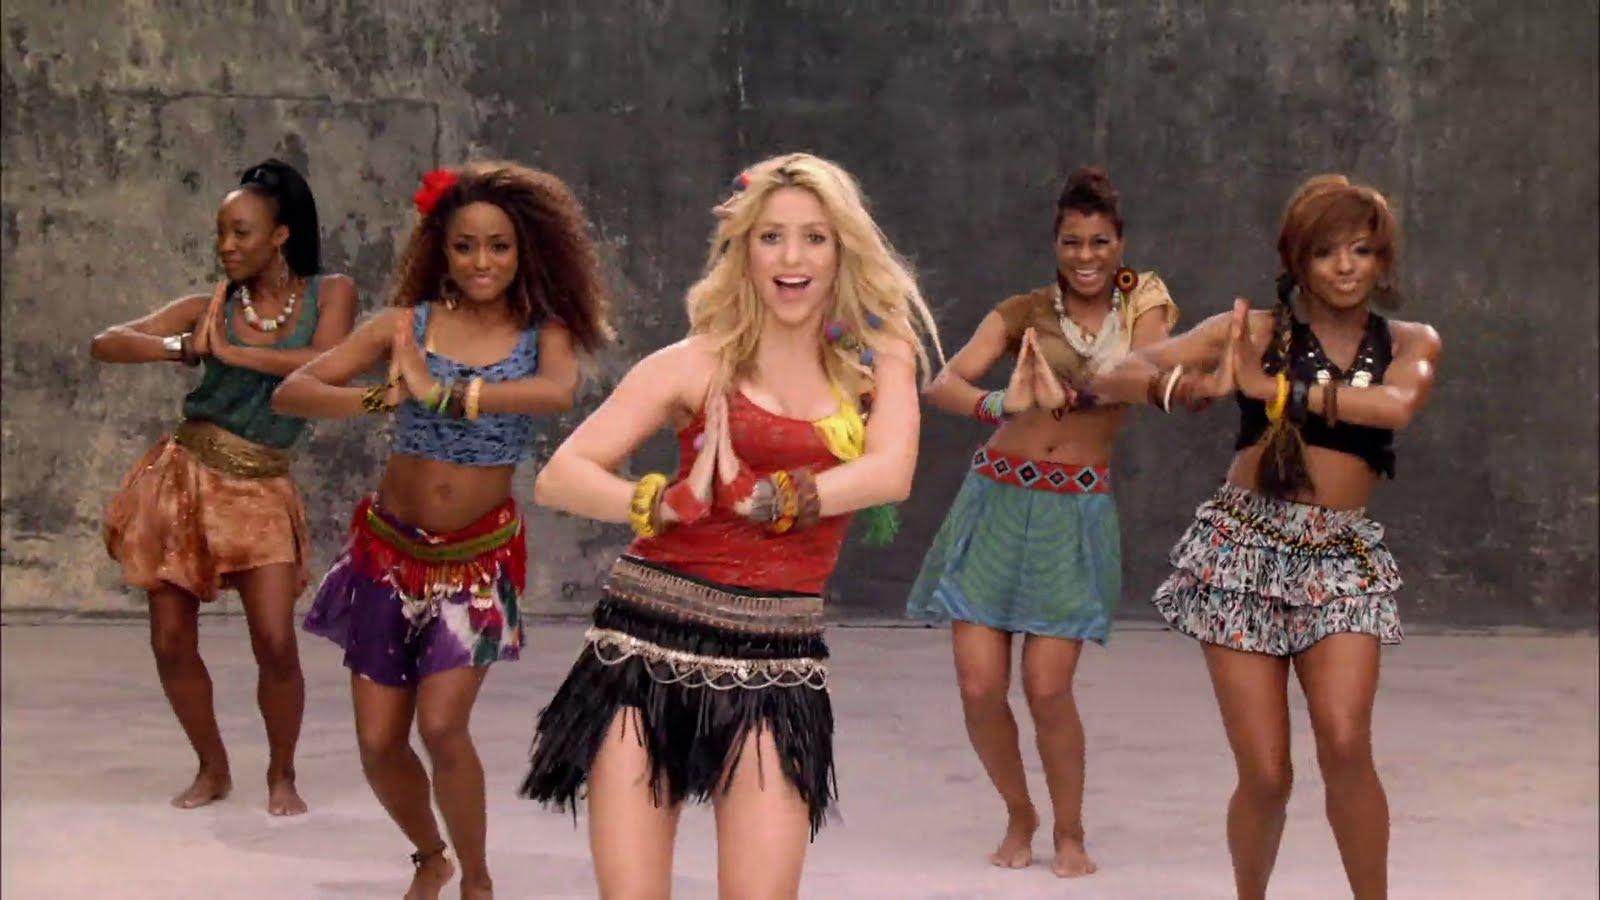 http://2.bp.blogspot.com/-y7VBeKuH0Ok/TblklHoMlmI/AAAAAAAAA20/emM_CIbwbbA/s1600/Shakira-Waka-Waka-Song.jpg